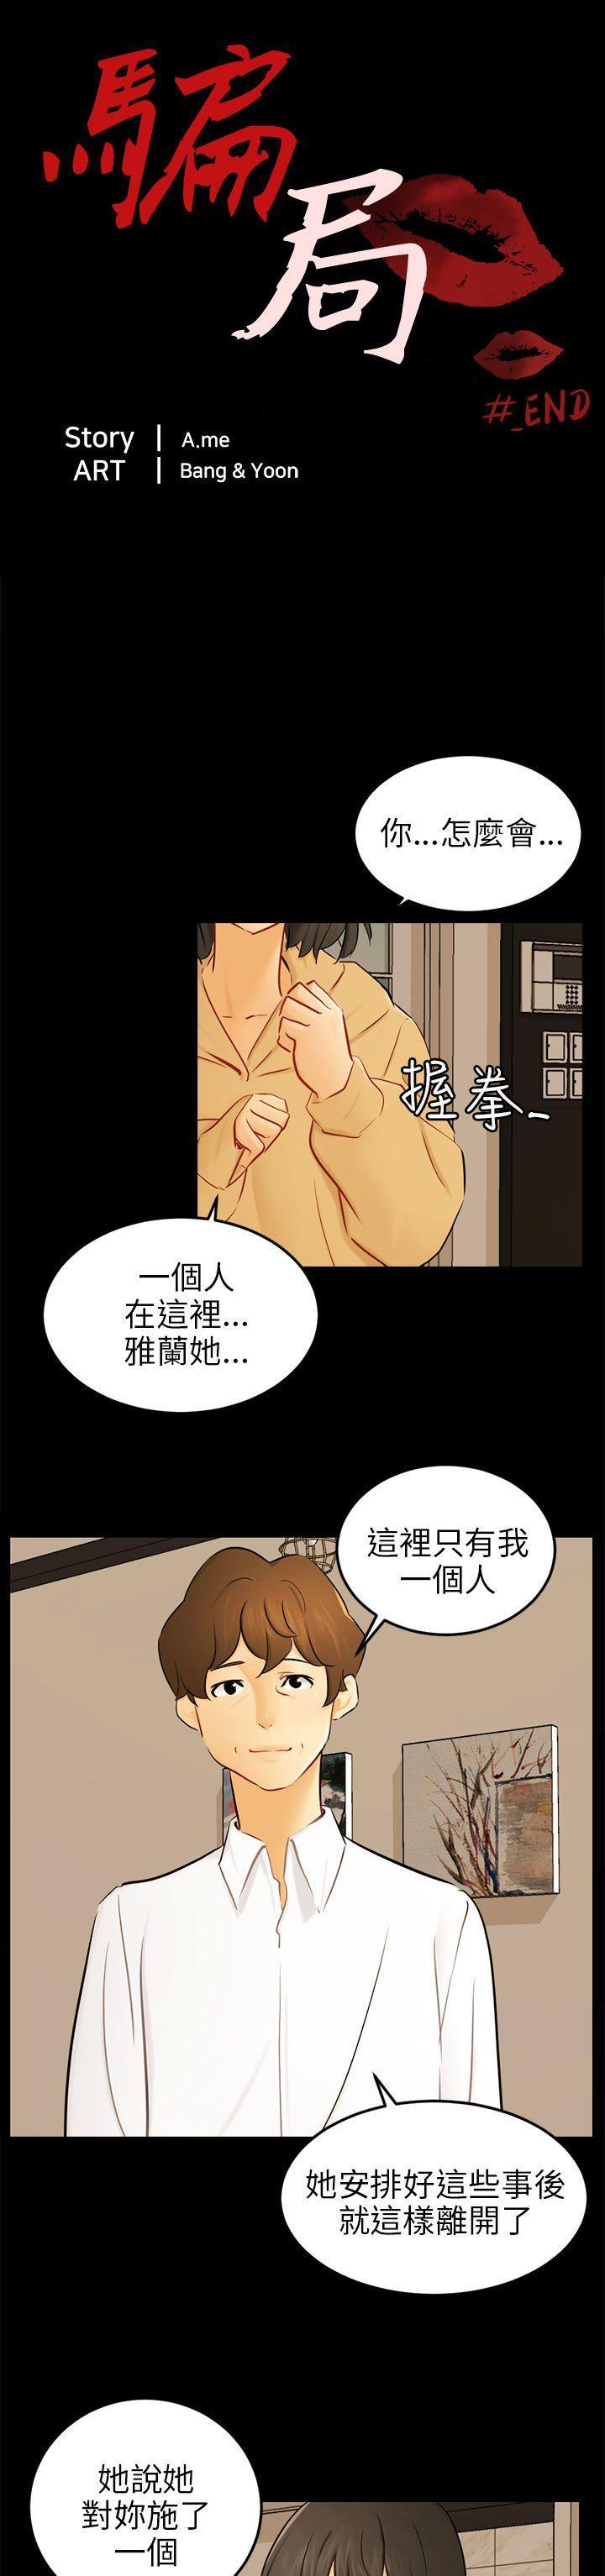 騙局-最終話全彩韩漫标签